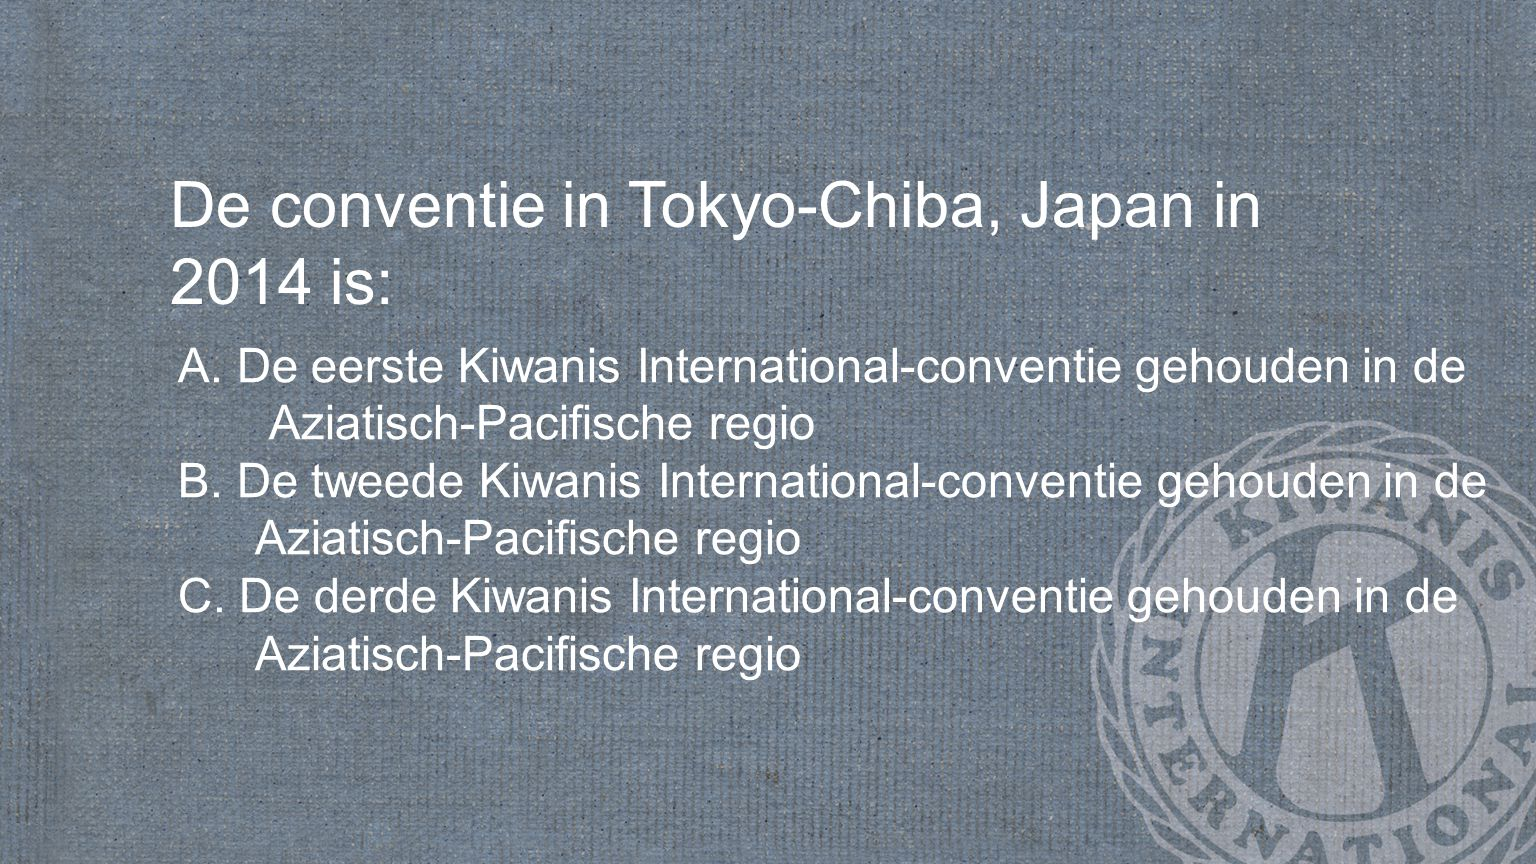 De conventie in Tokyo-Chiba, Japan in 2014 is: A.